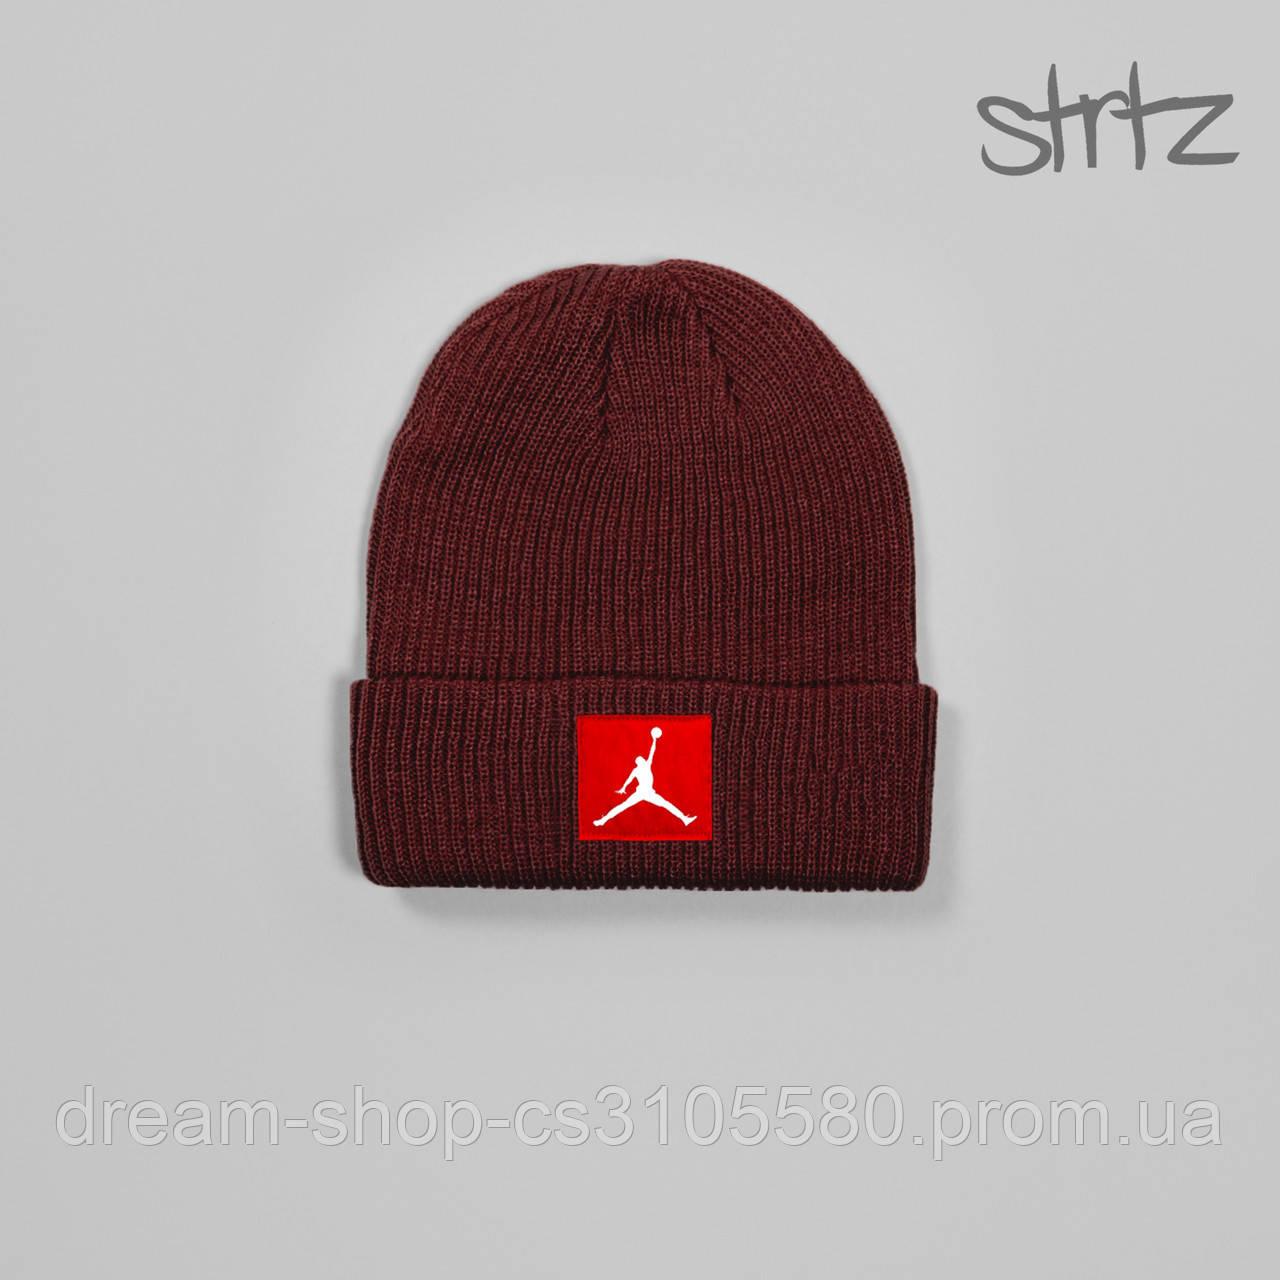 Акриловая шапка Джордан (унисекс), Демисезонная шапка Jordan